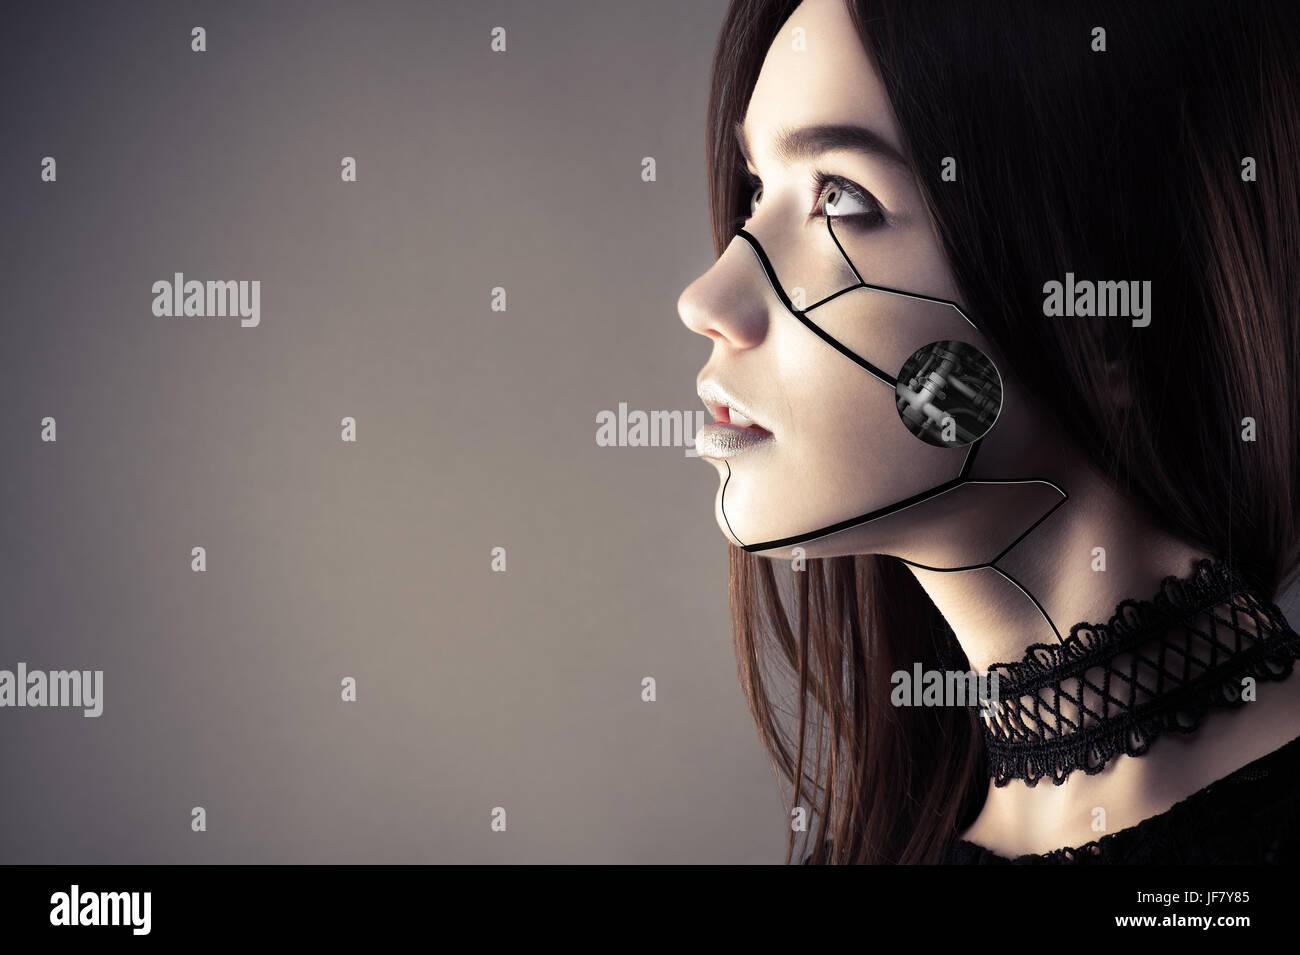 schöne Cyberpunk Mädchen mit Fashion Make-up nachschlagen Stockbild